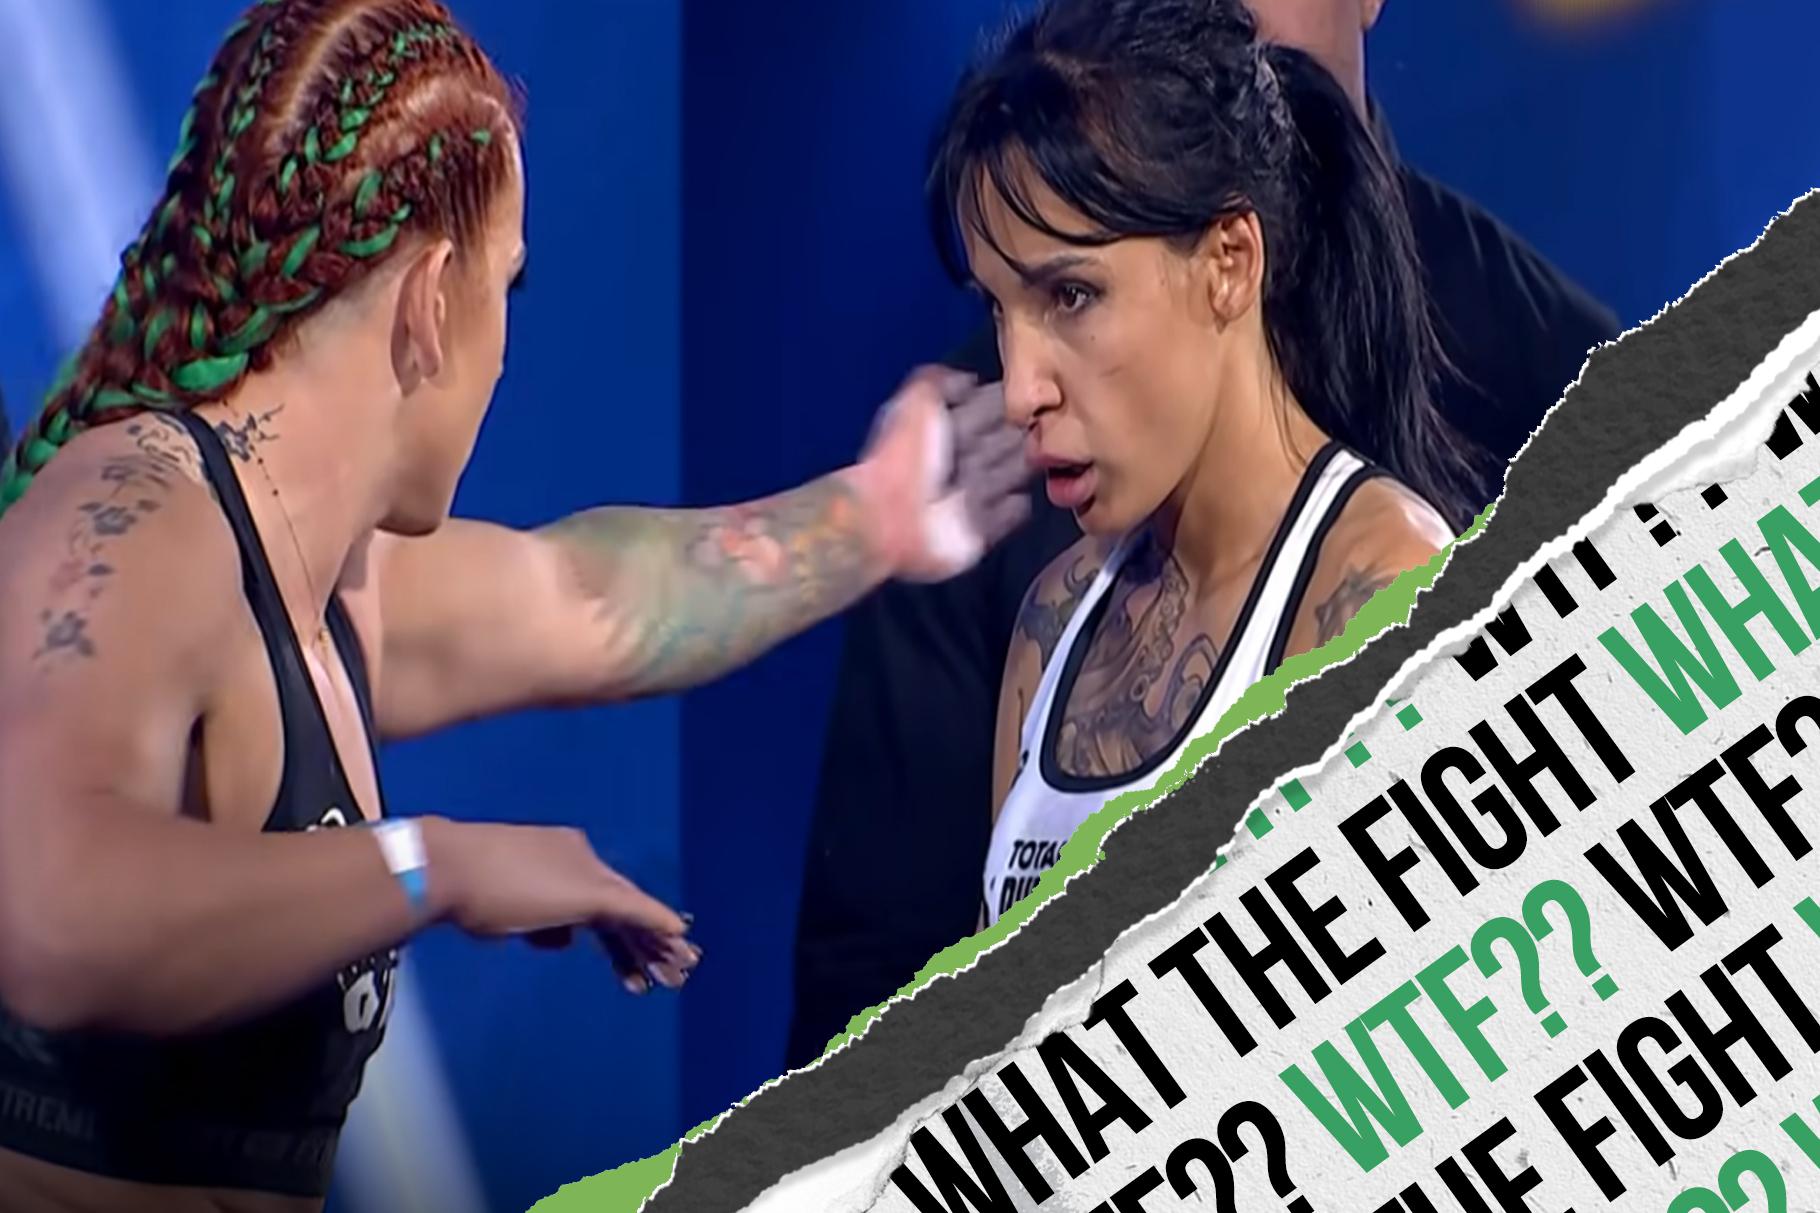 Boxer vs. Bodybuilder at PUNCHDOWN 4 Female Super Fight!